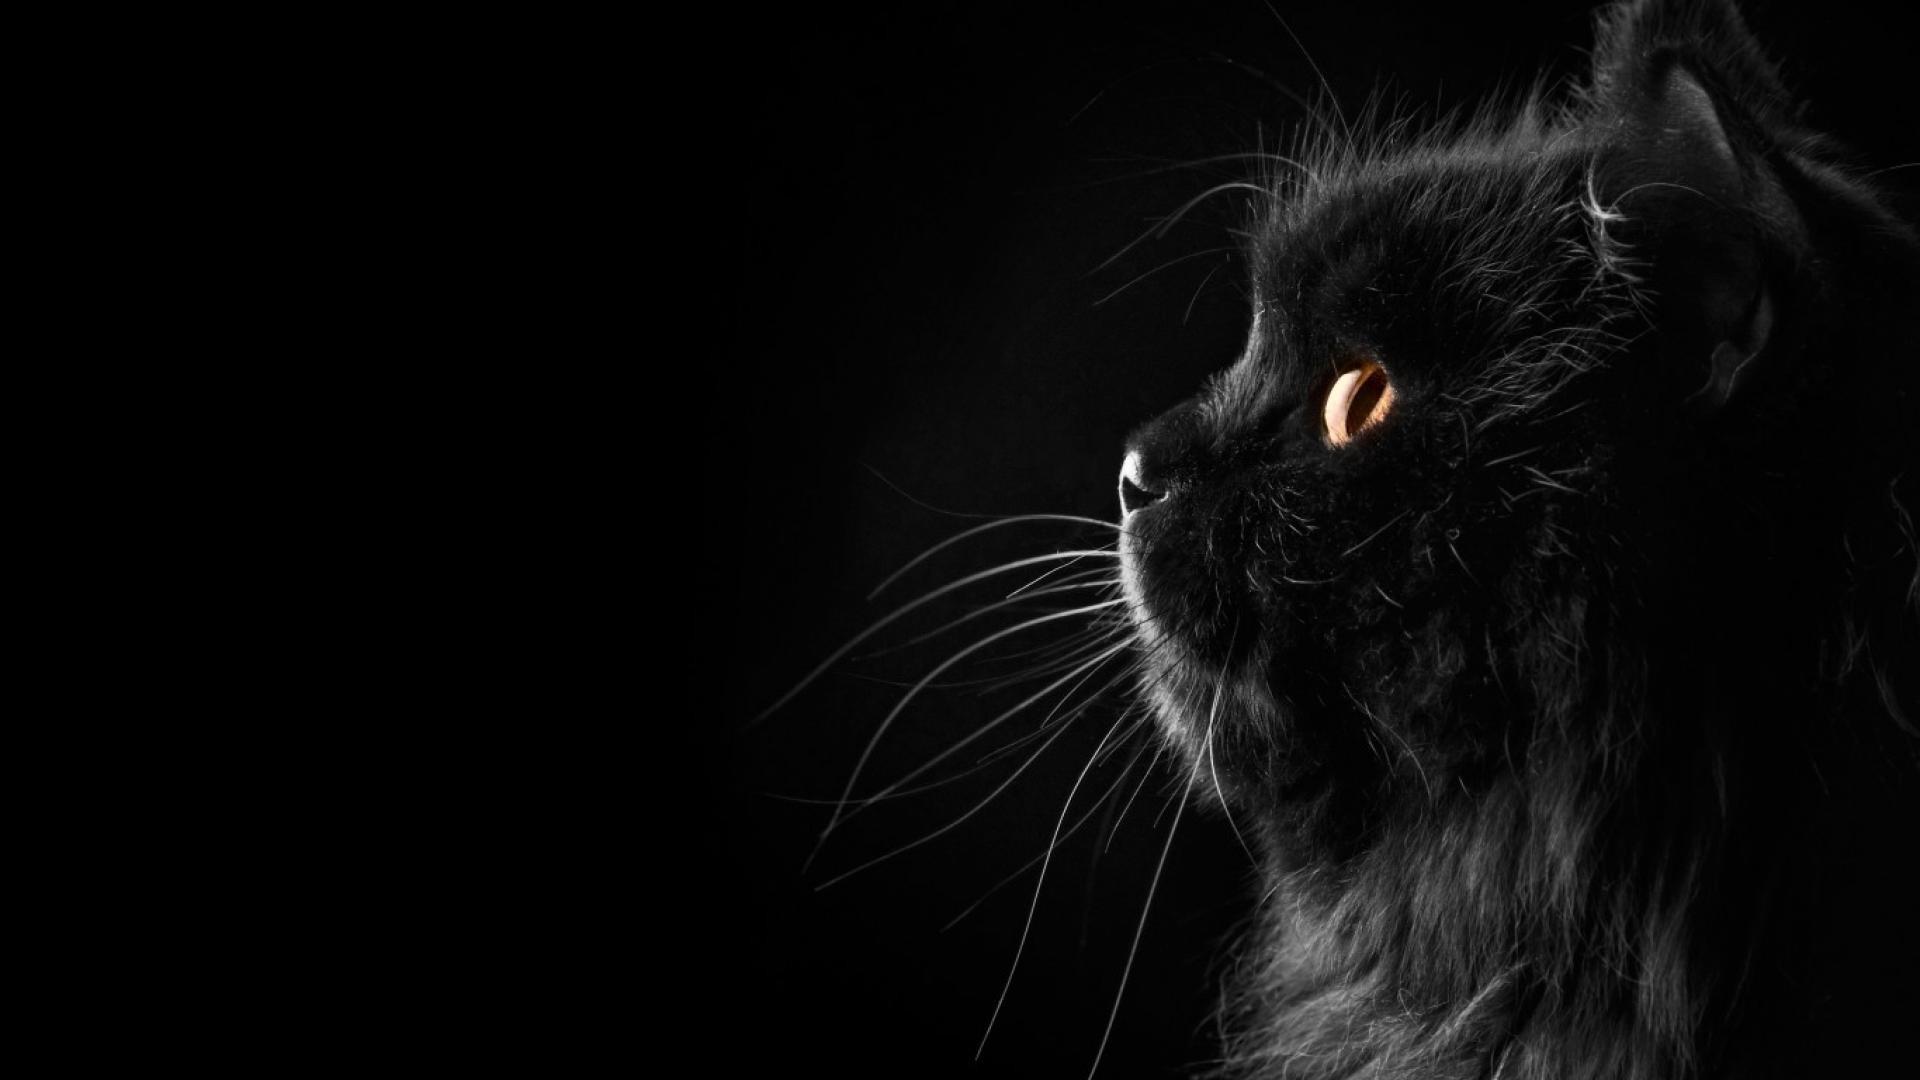 Hình nền mèo ngộ nghĩnh